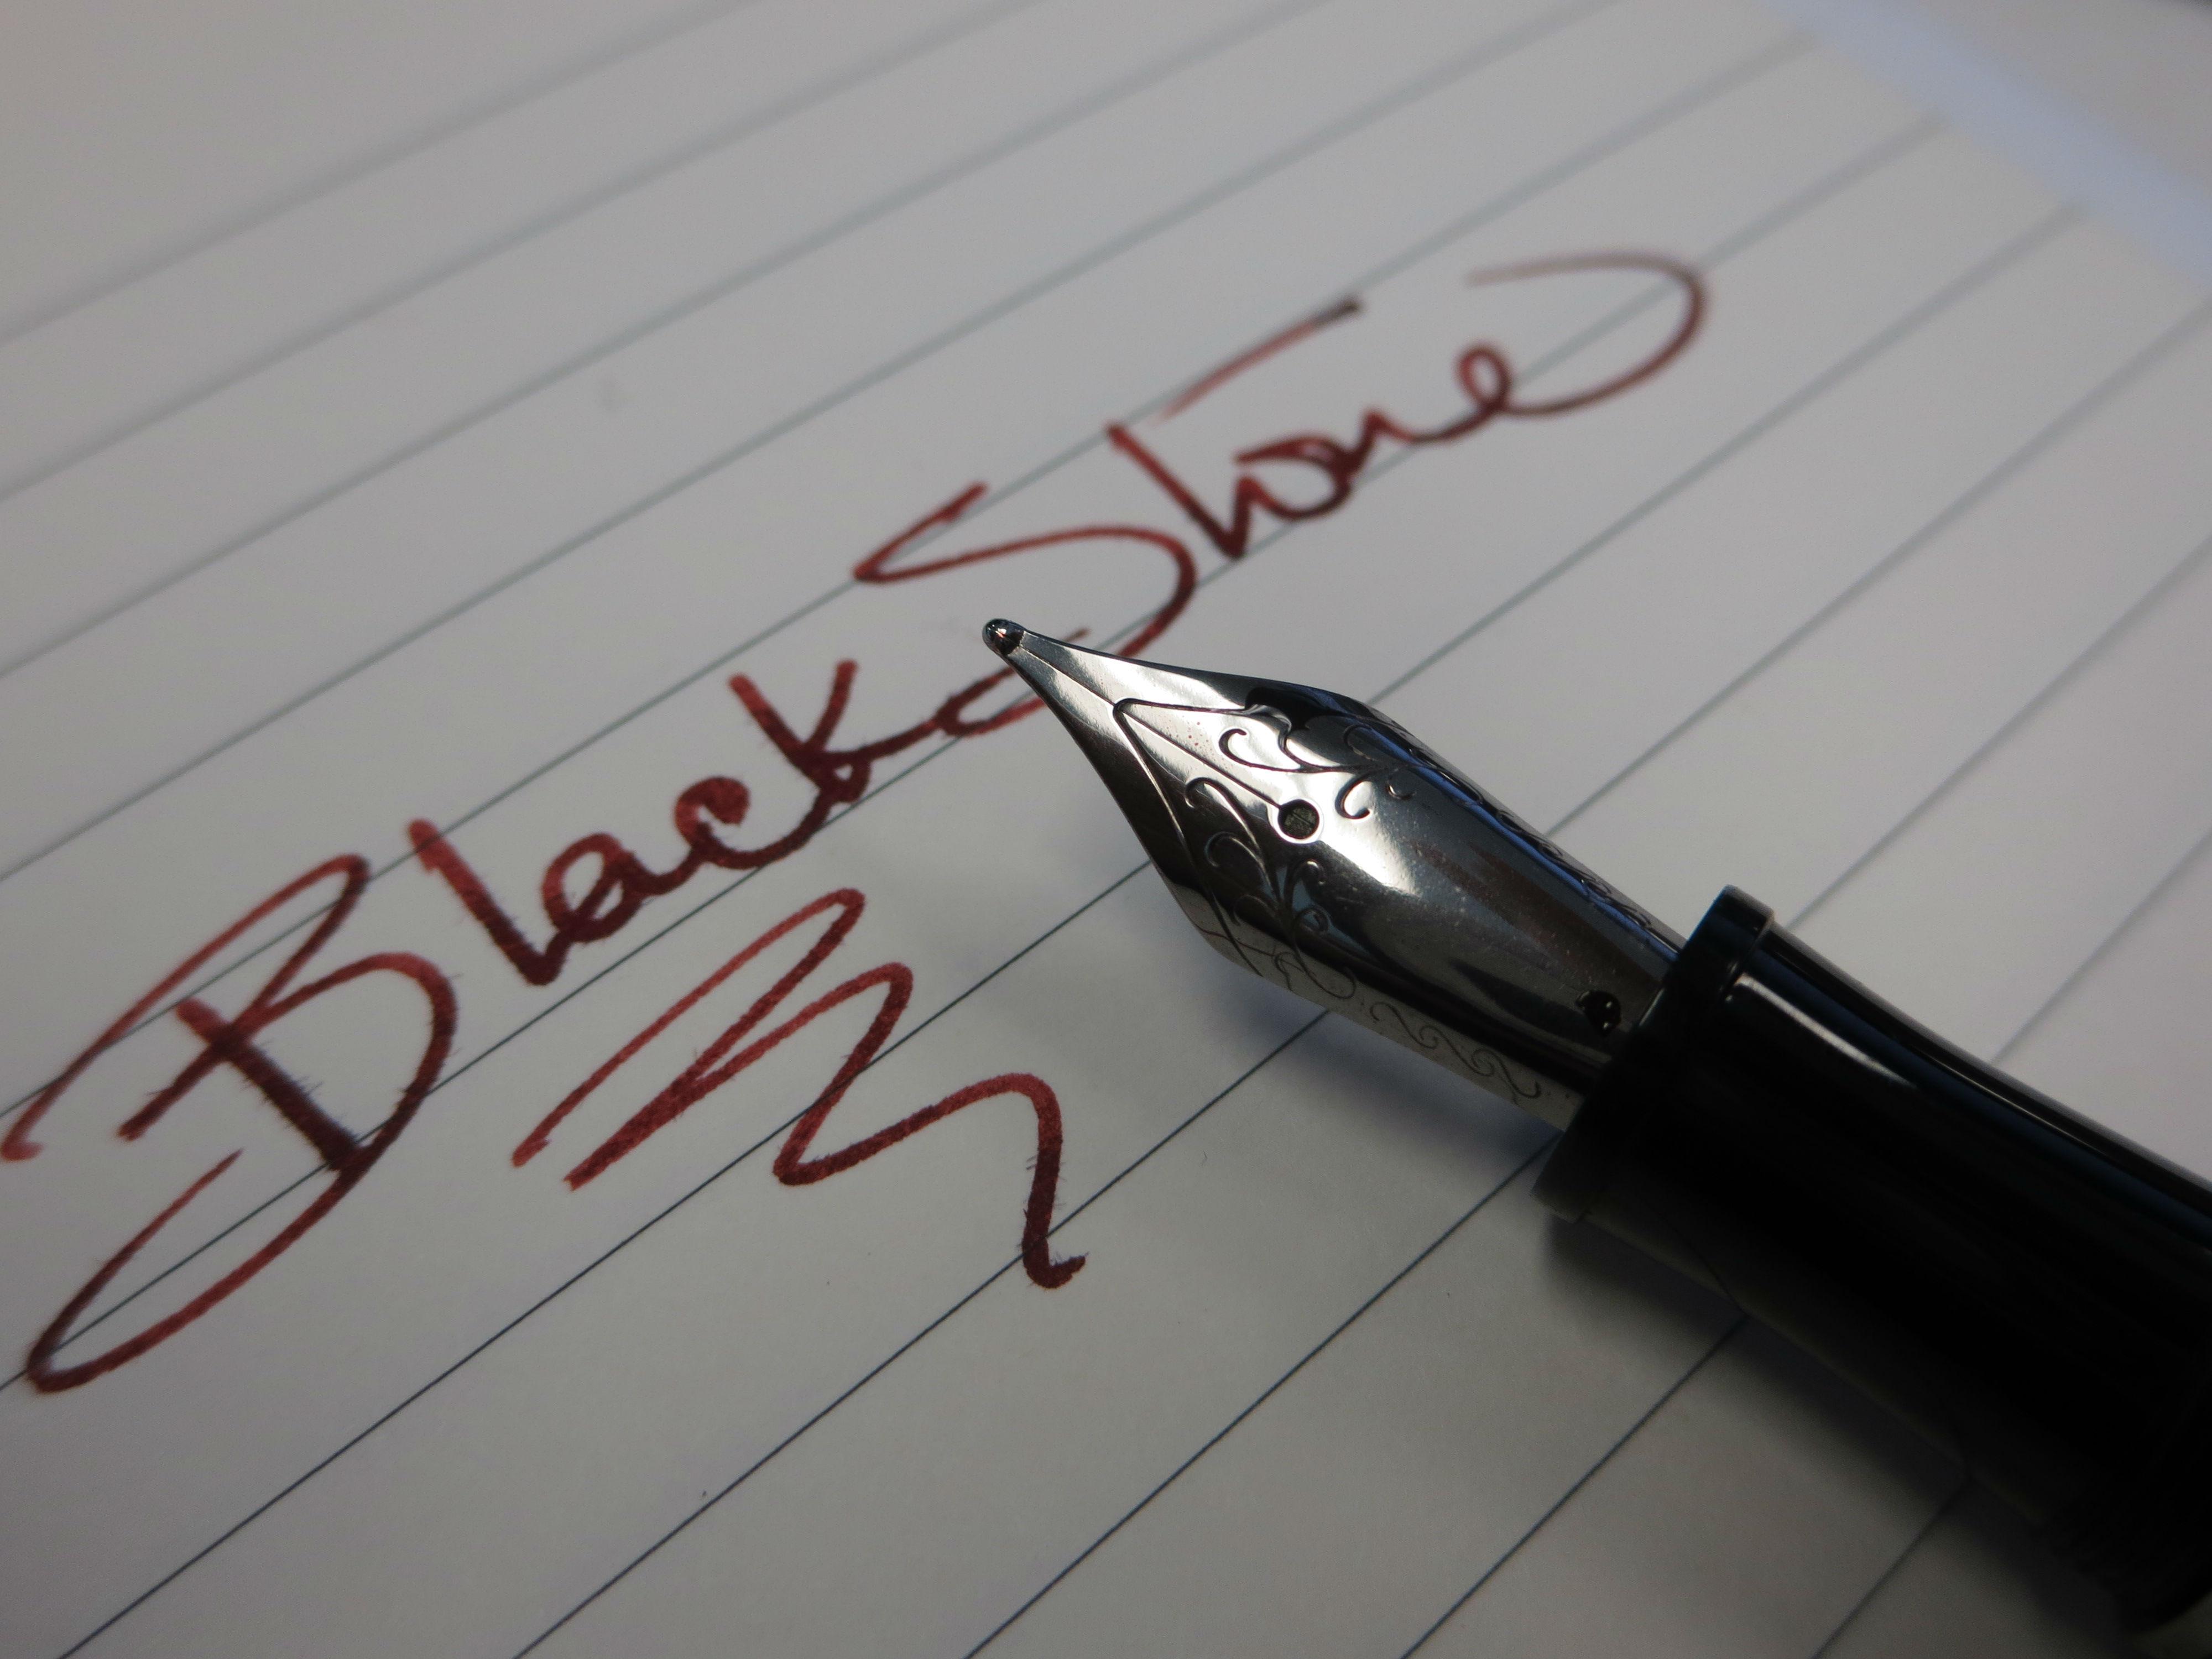 fpn_1454099693__blackstonepen05.jpg